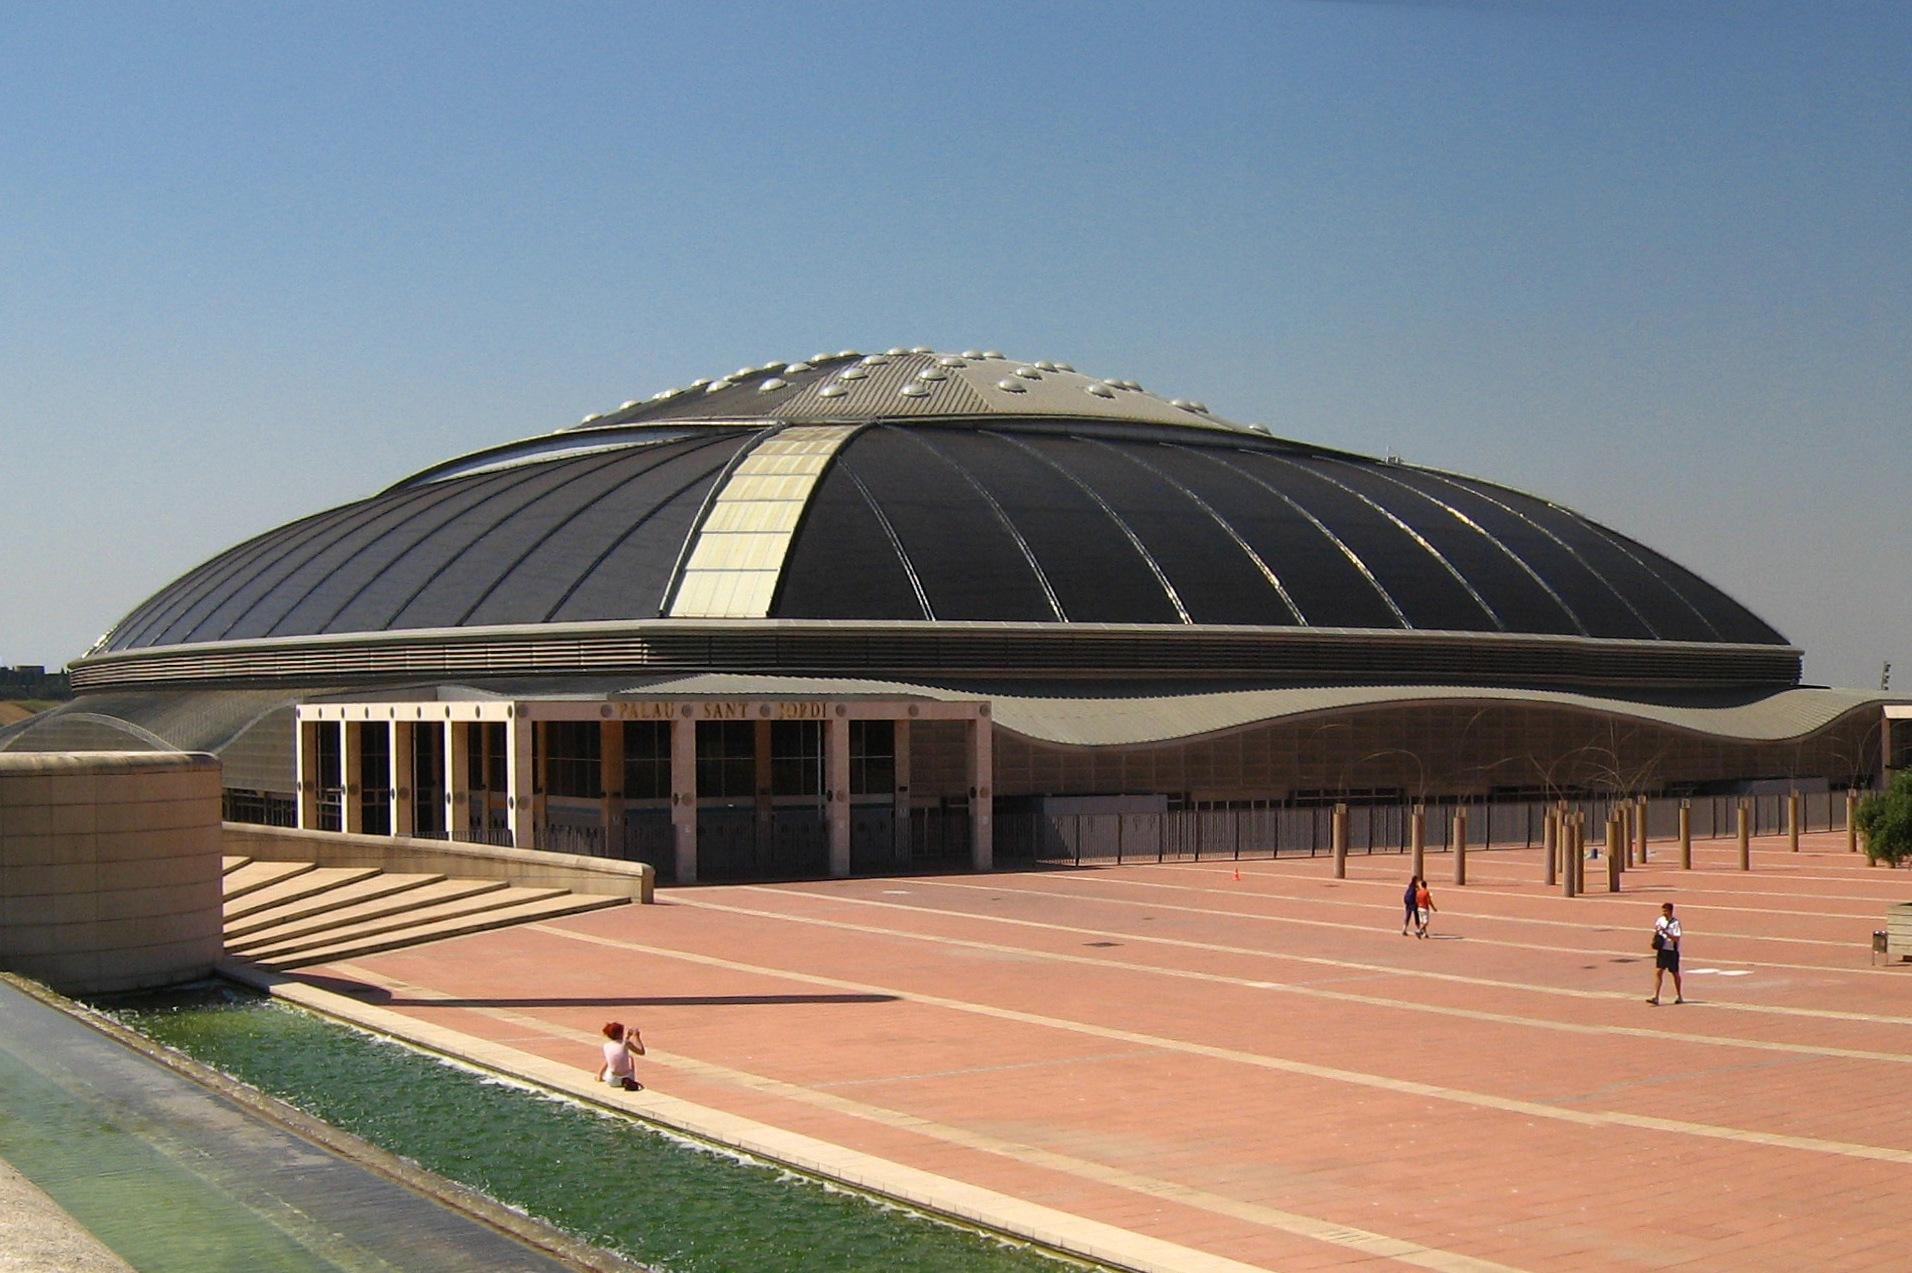 Palau Sant Jordi, un estadio cubierto en Barcelona, España. Construido para los Juegos Olímpicos de 1992.